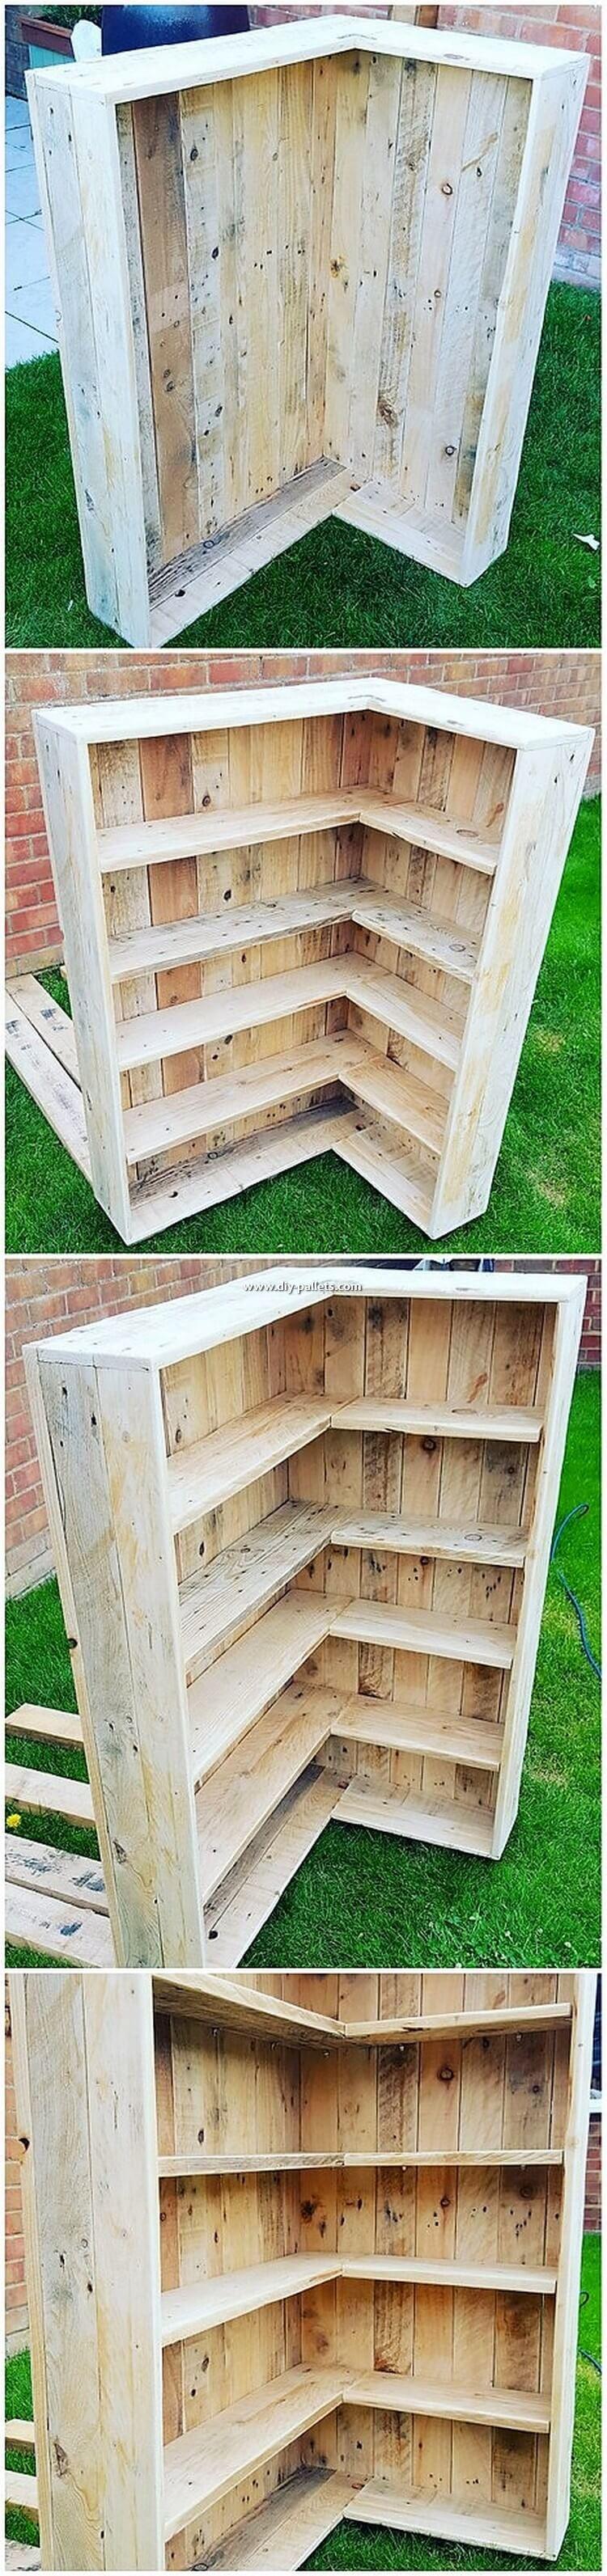 DIY Pallet Shelving Unit